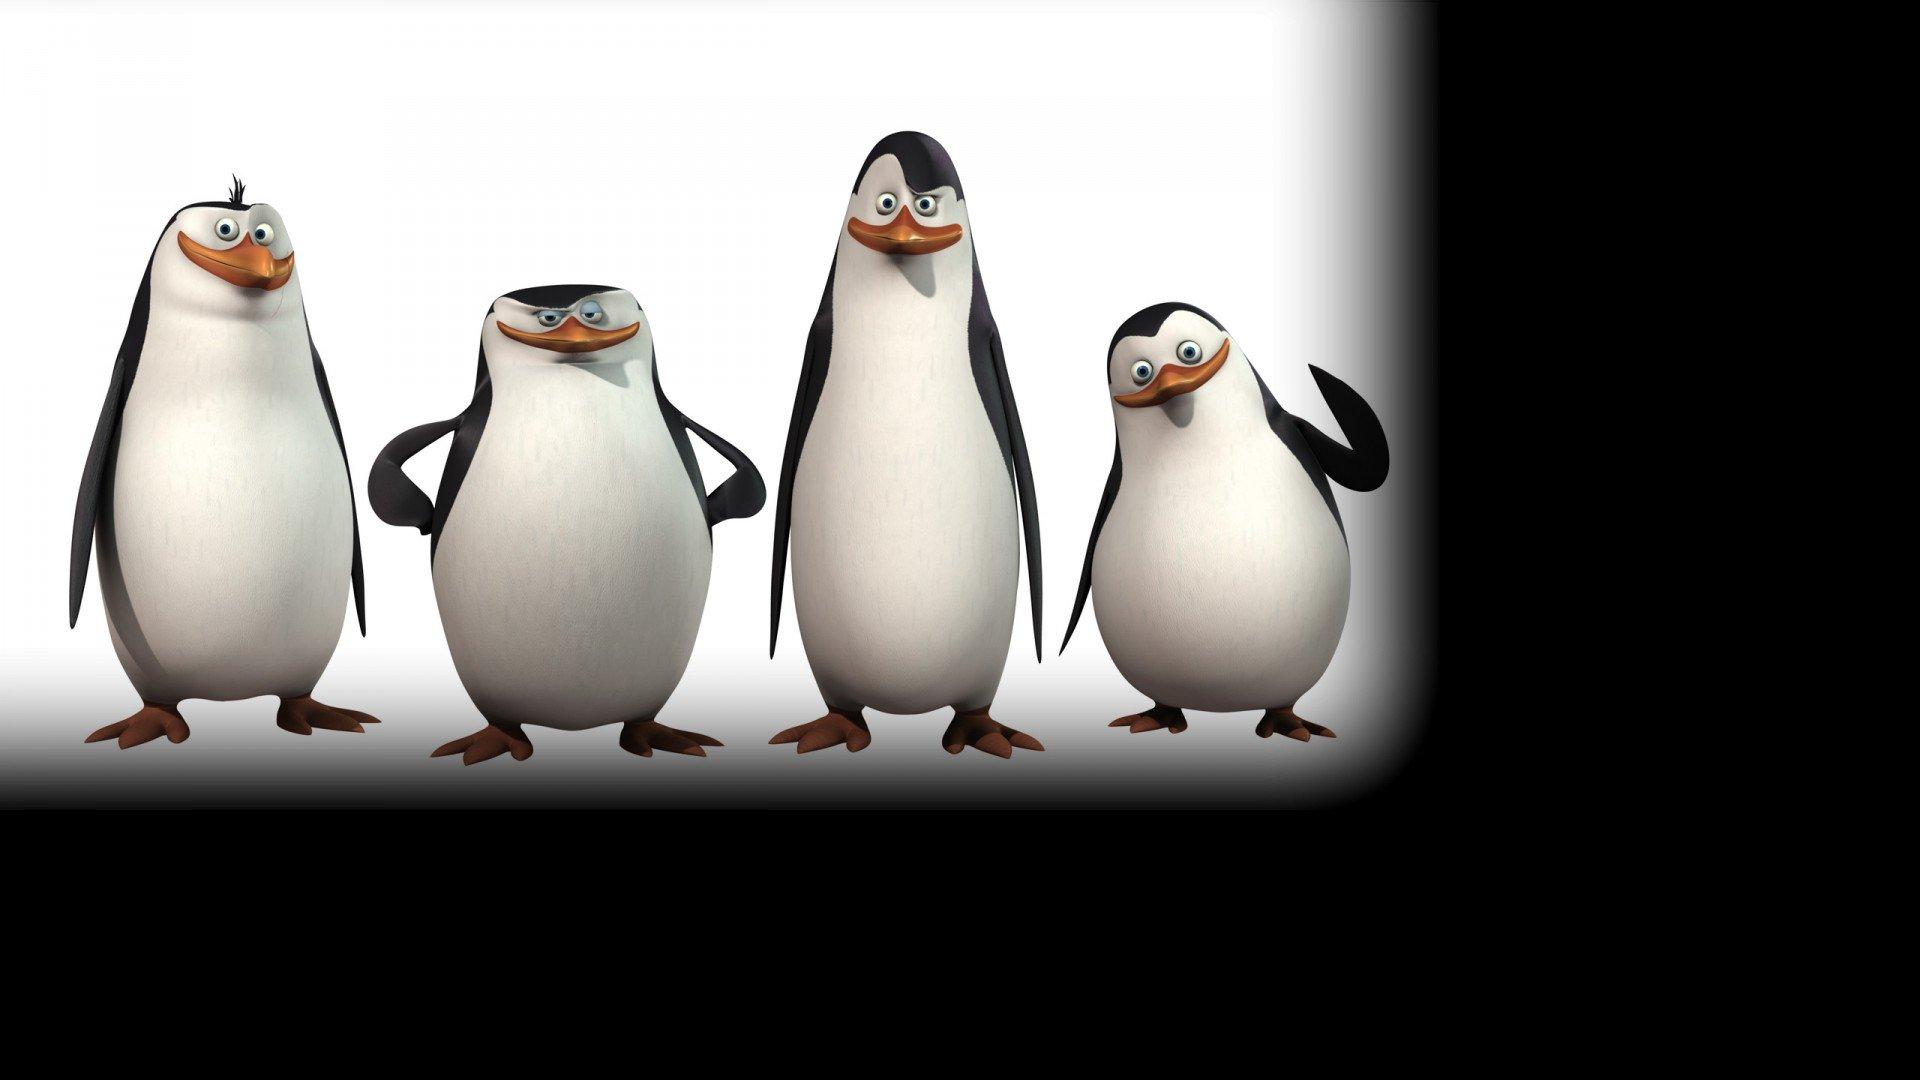 демотиваторы с пингвинами из мадагаскара каждый